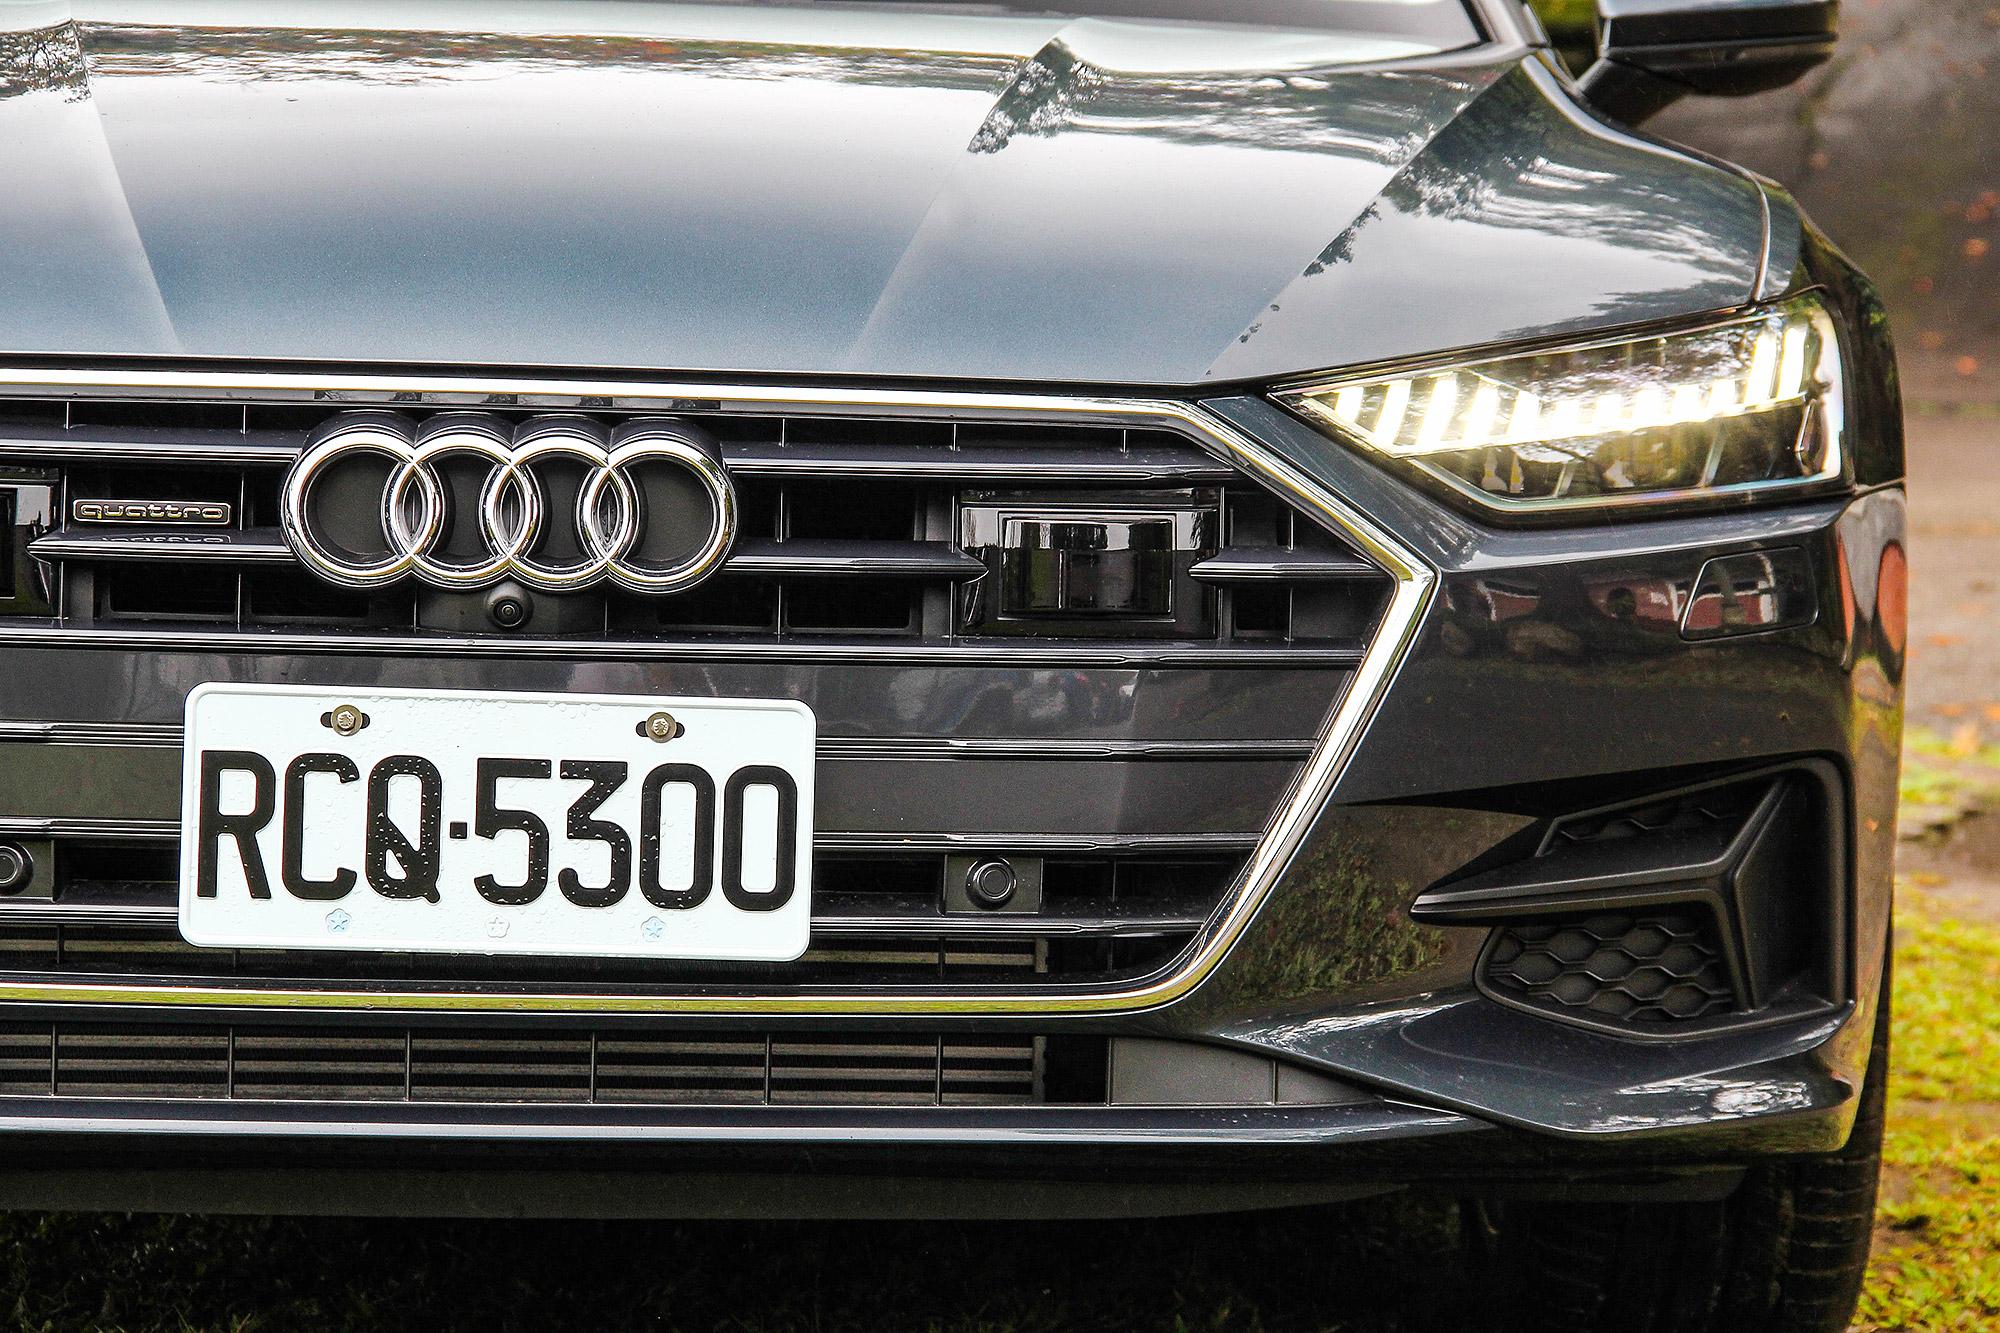 引擎蓋的折線不但創造更多視覺上的豐富度,搭配水箱護罩、頭燈等銳利線條,更顯得霸氣。